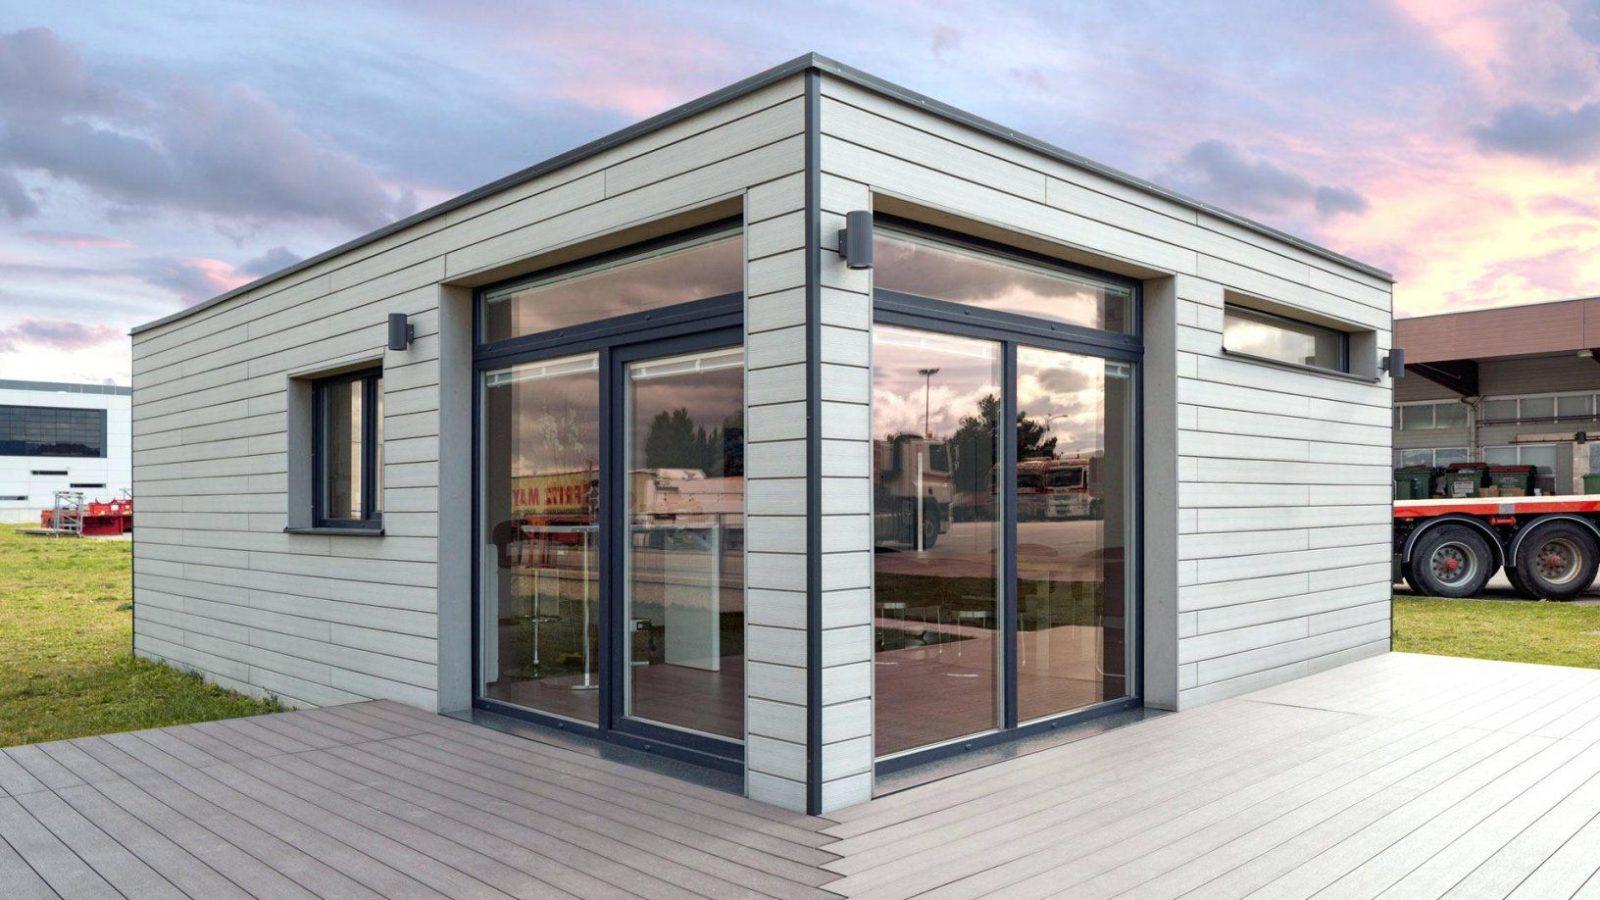 Container Wohnhaus Haus Selber Bauen Inspirational Wie Hier Bei von Haus Selber Bauen Kosten Bild